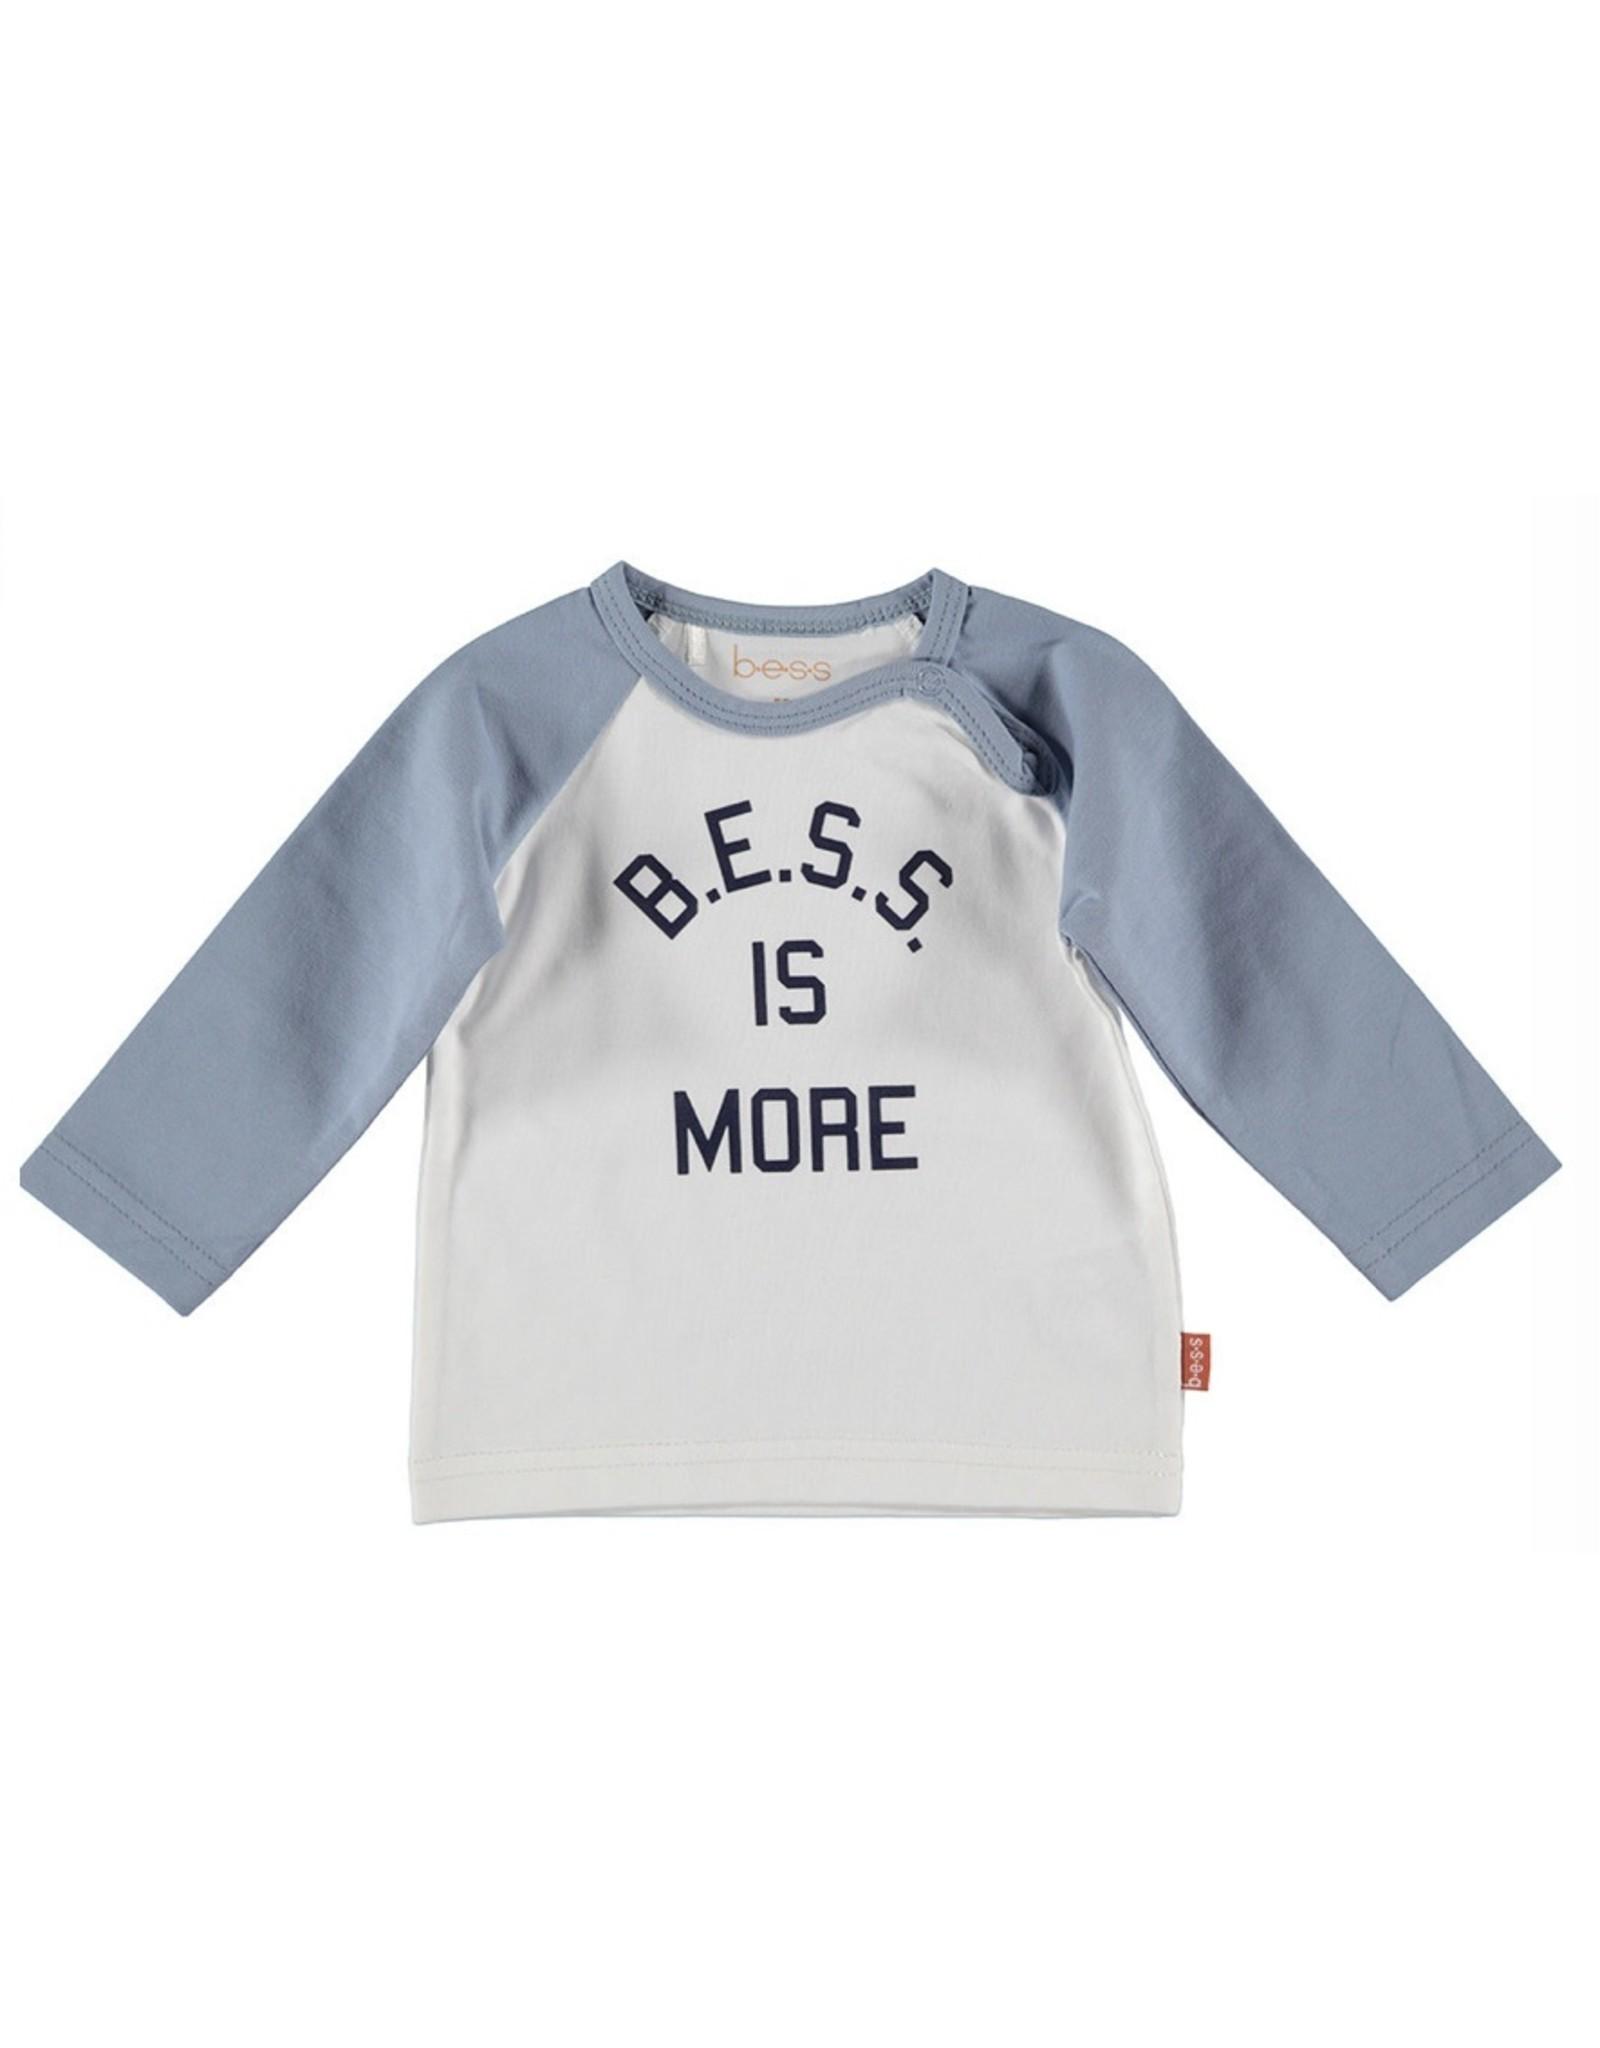 B*E*S*S 21007 T-Shirt